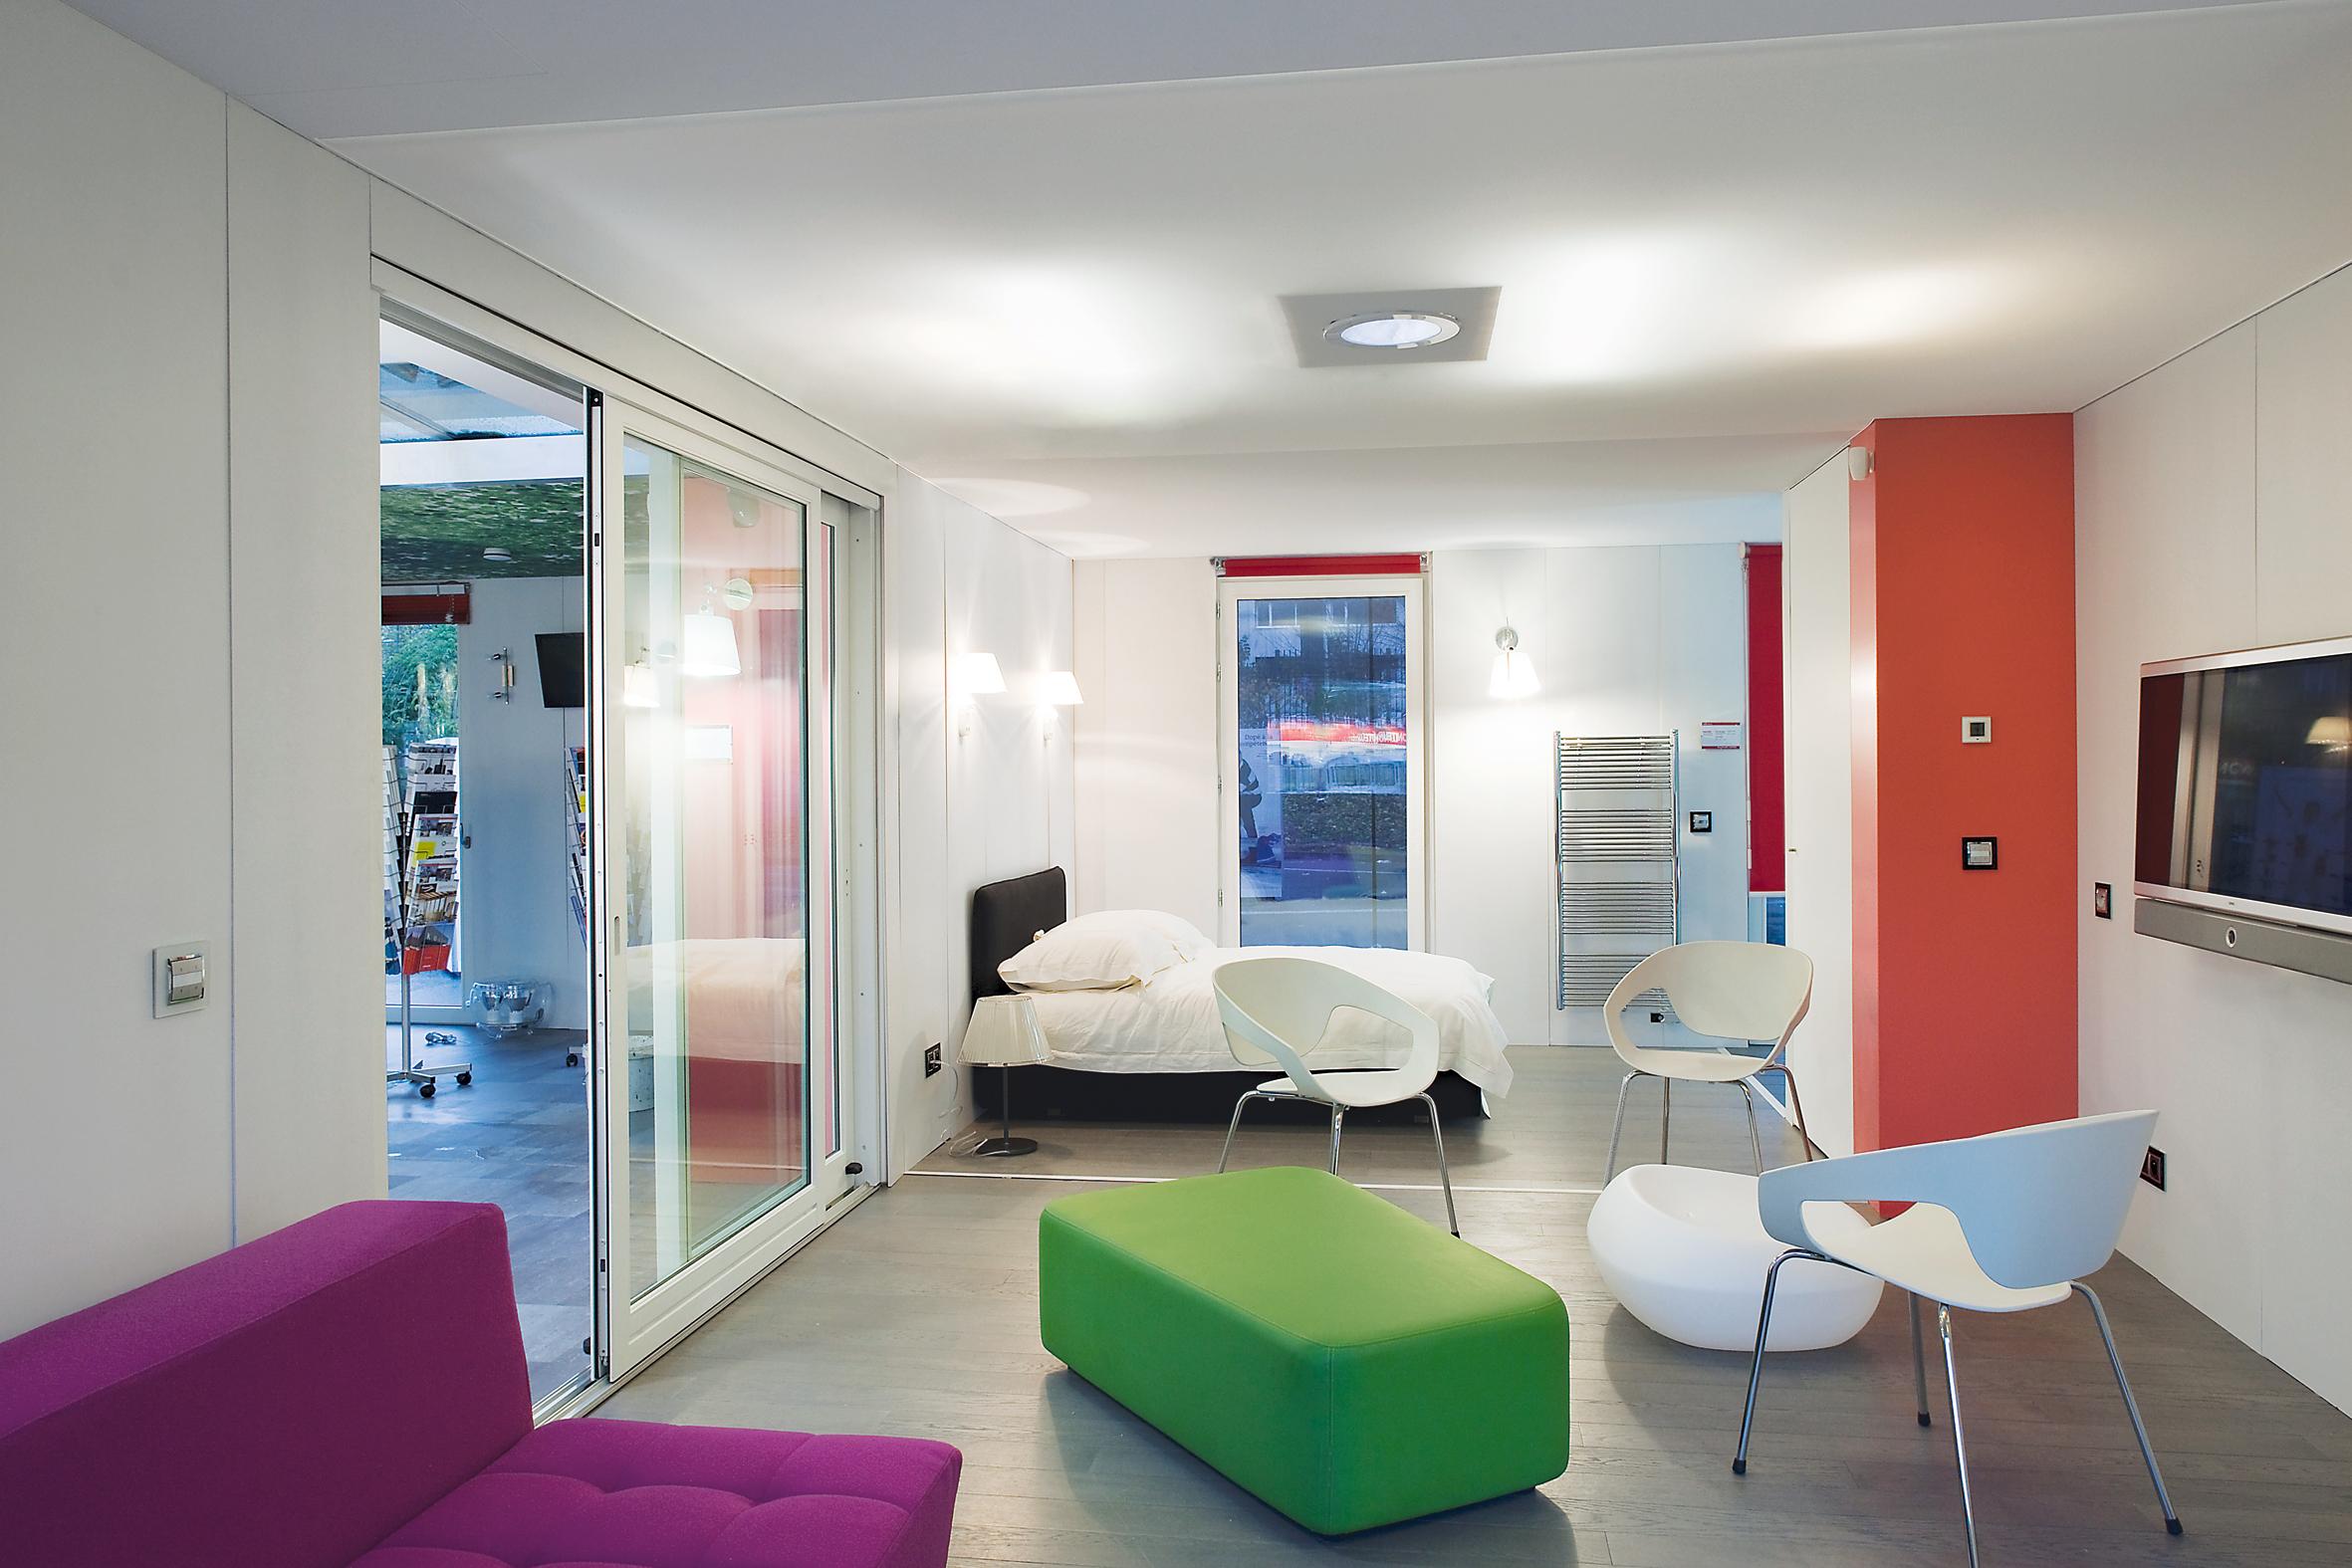 Натяжной потолок со встроенным квадратным светильником в интерьере молодежной комнаты